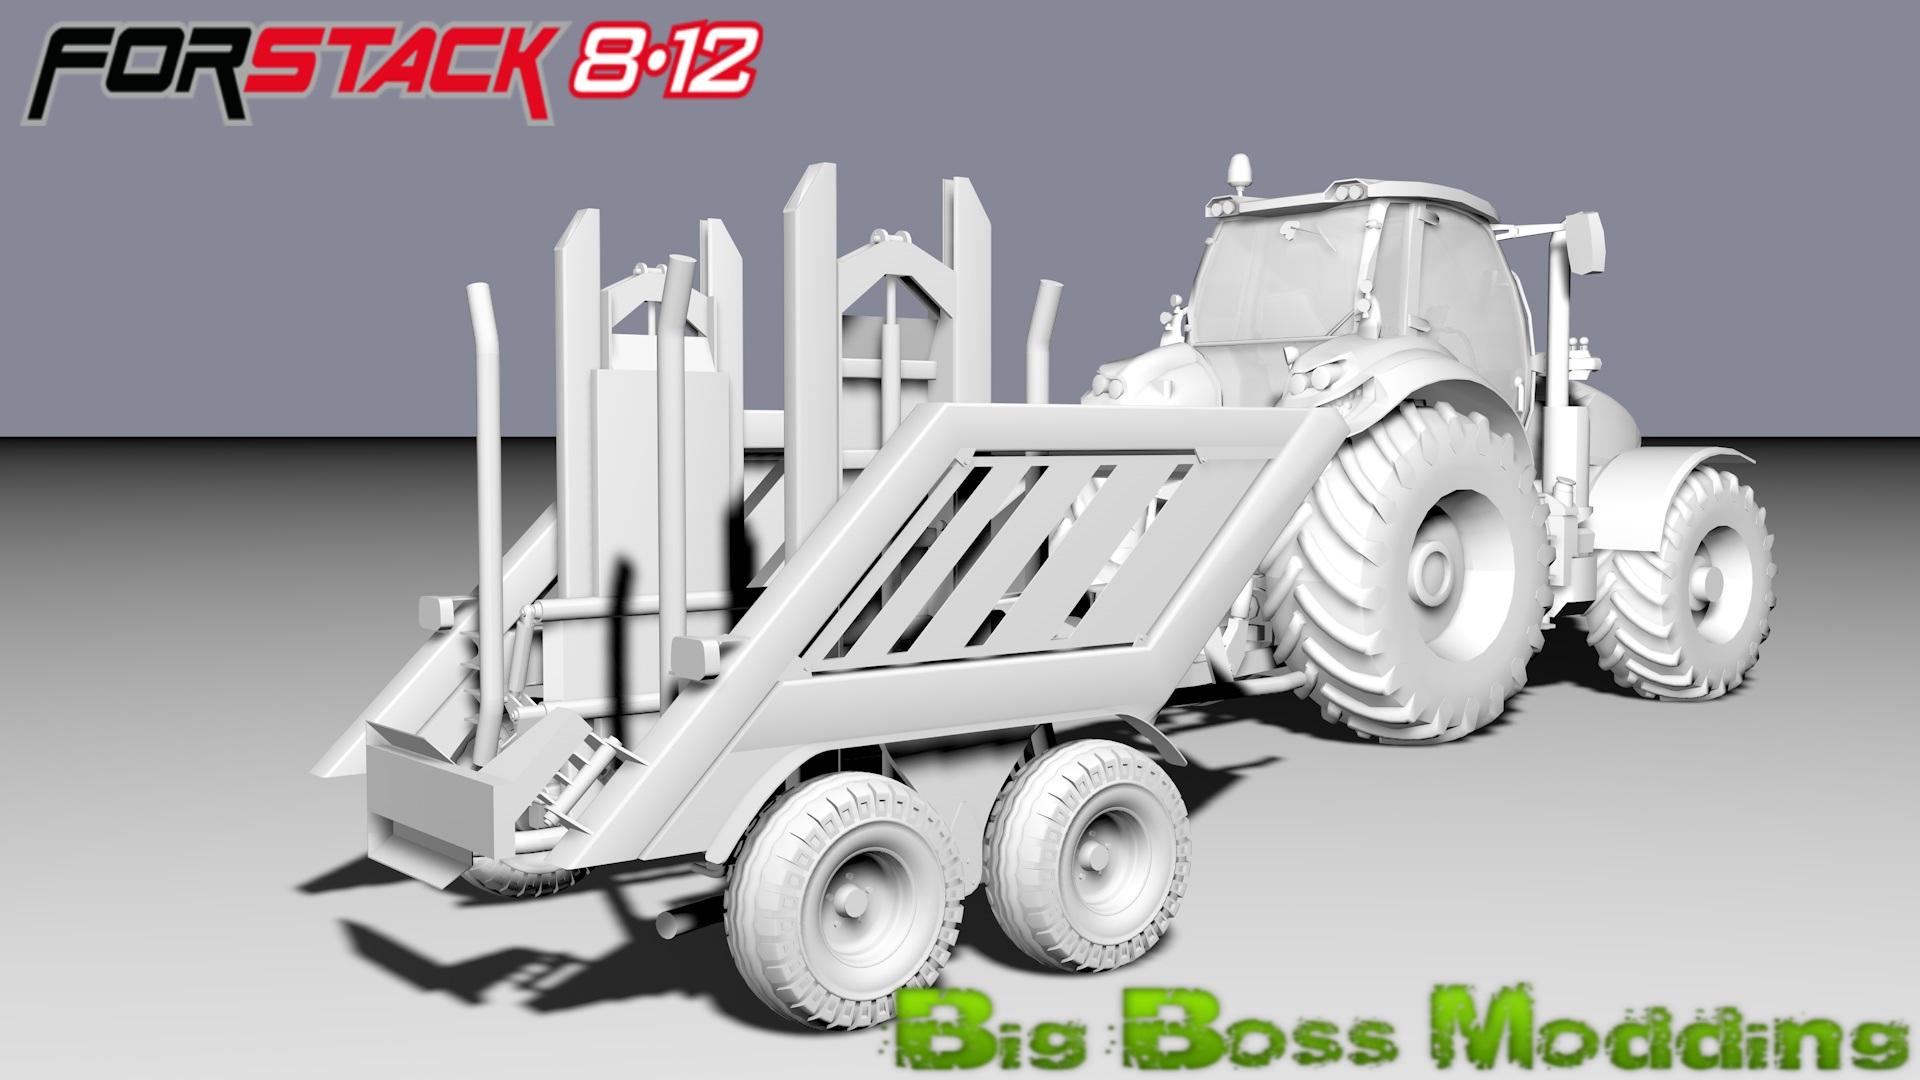 [T.E.P.] Arcusin ForStack 8-12 [Actualizado 30-5-2014] Contractor305kgv